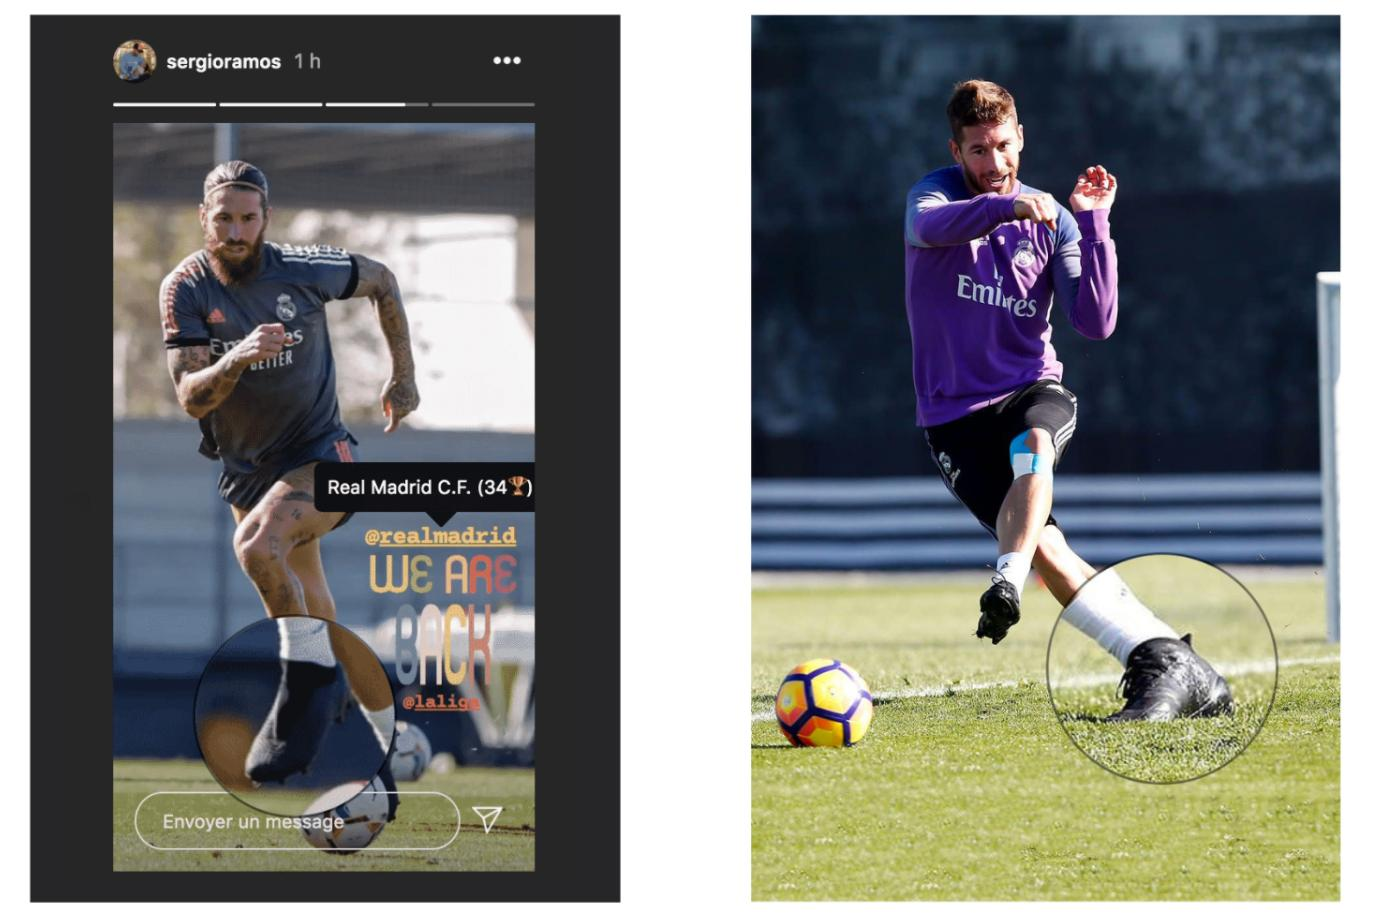 Sergio Ramos đã chính thức chuyển từ Nike Tiempo sang adidas Copa